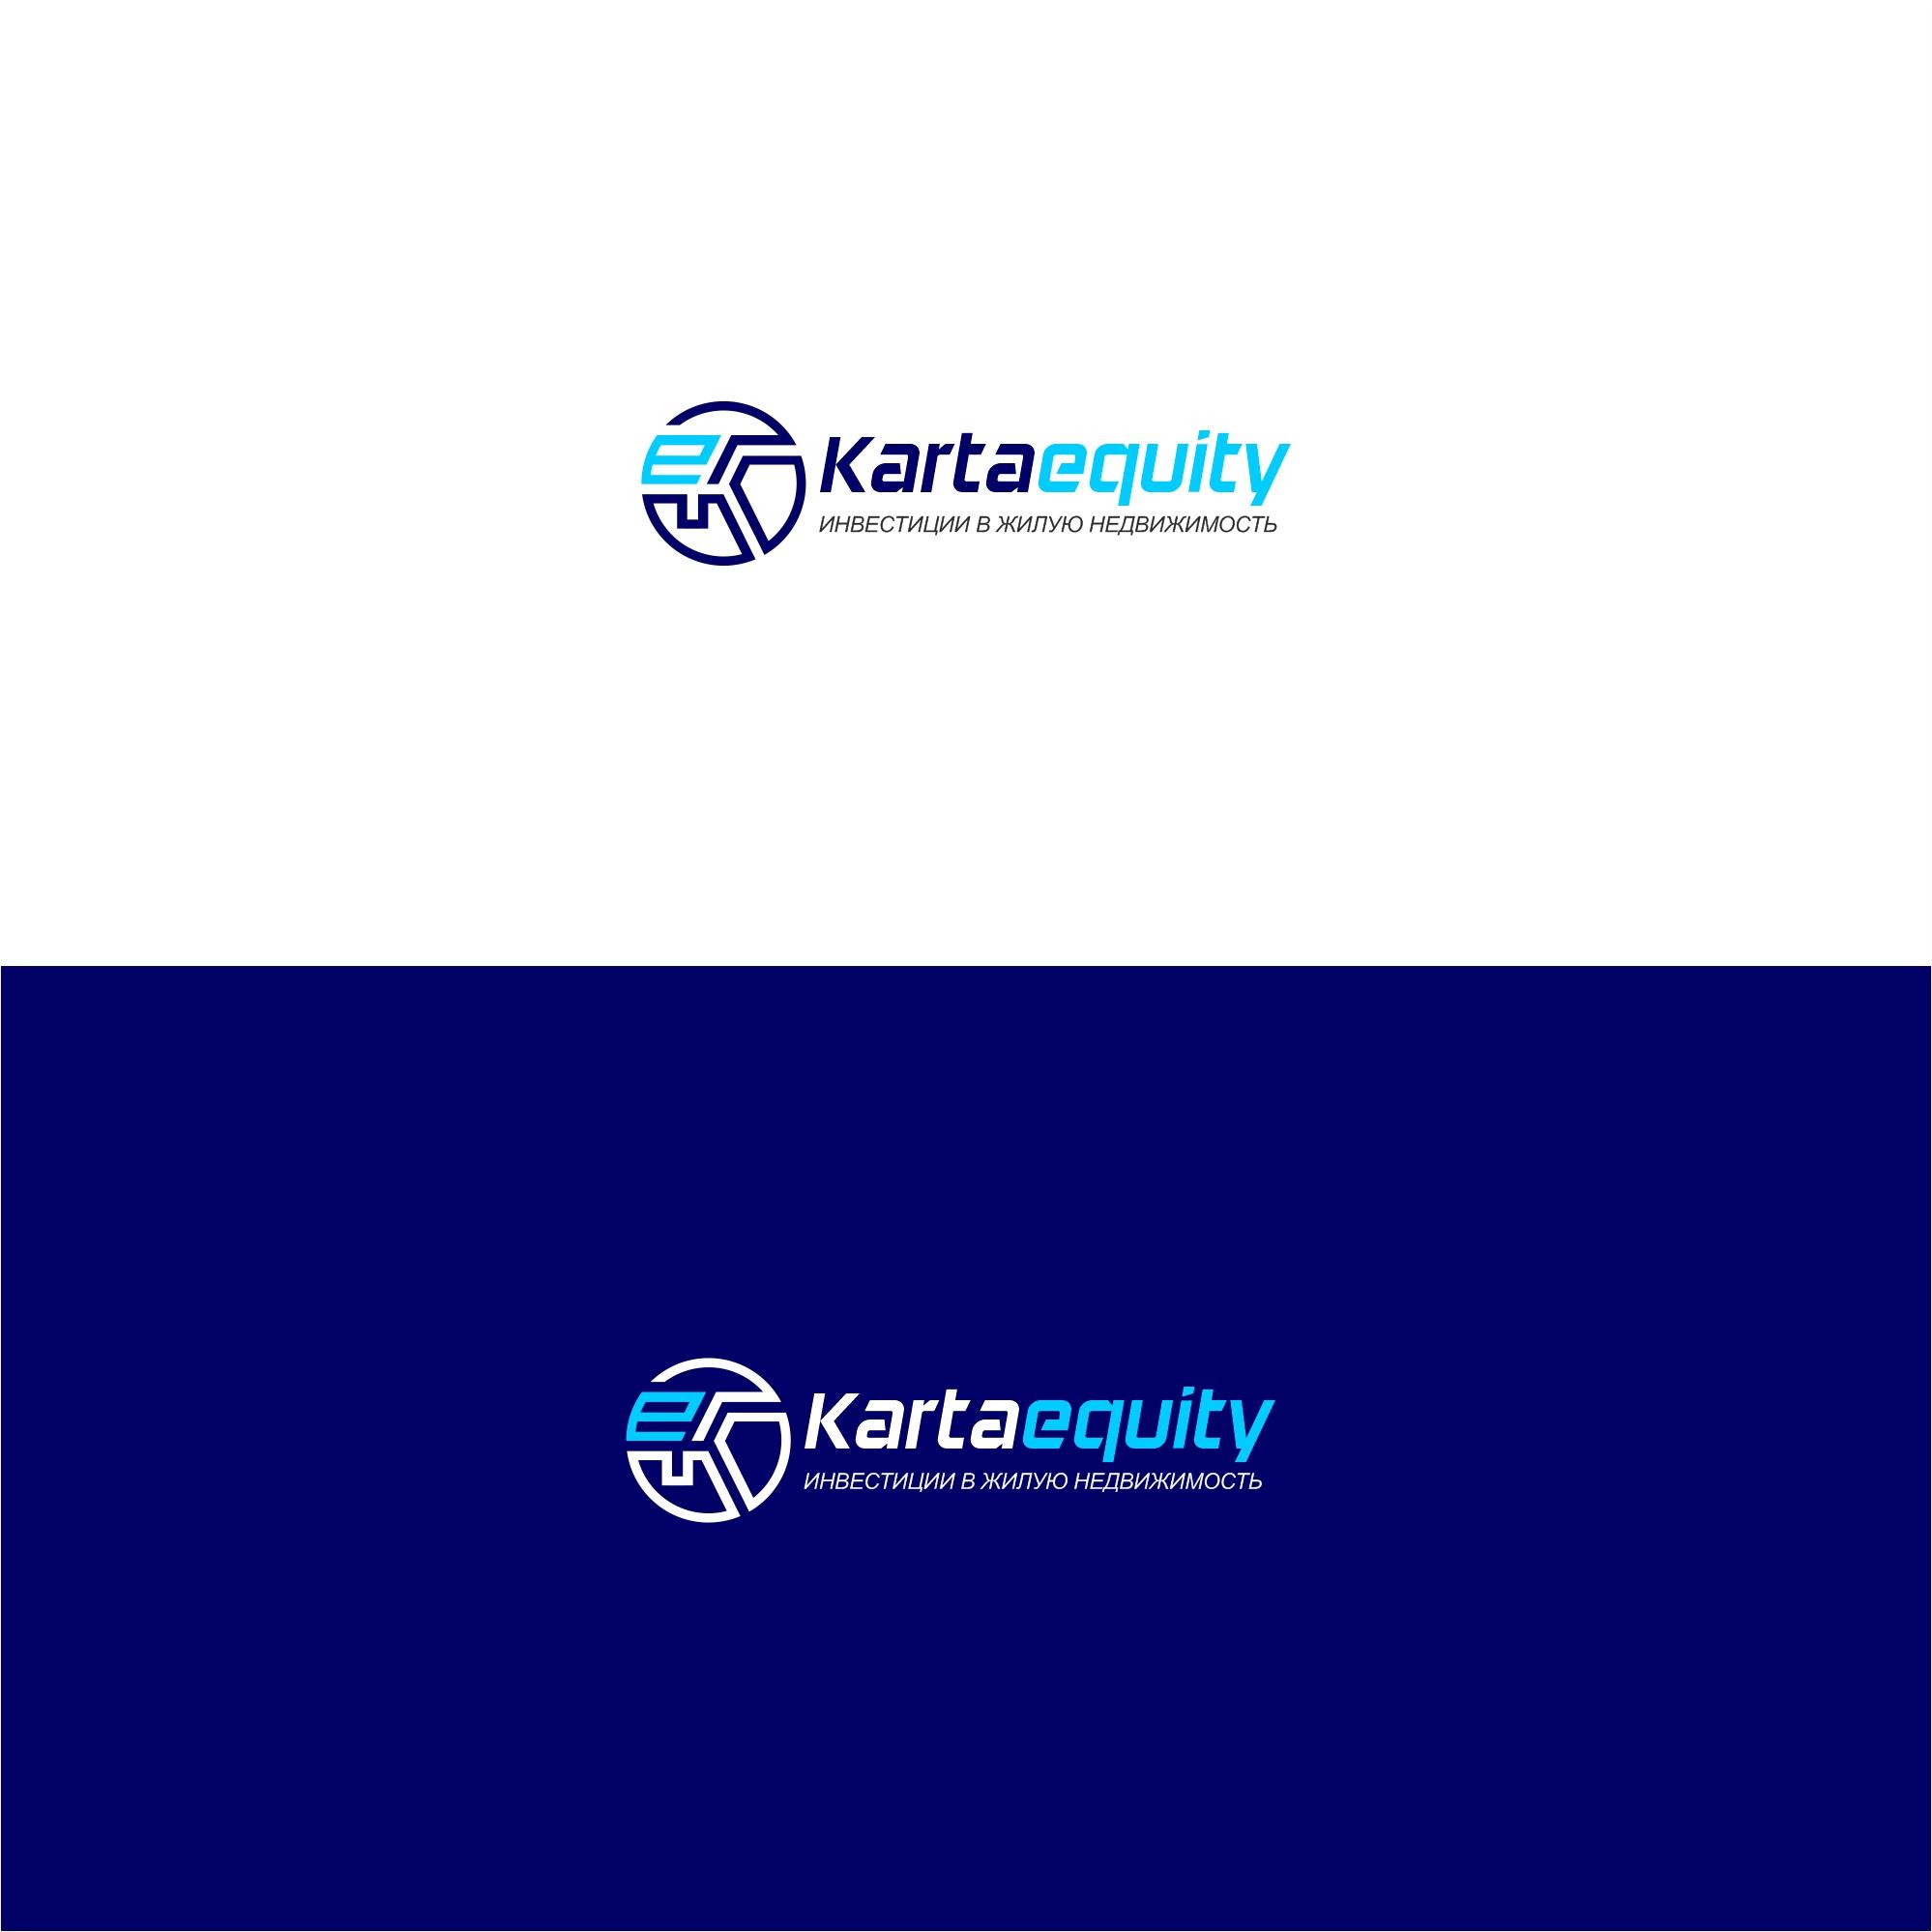 Логотип для компании инвестироваюшей в жилую недвижимость фото f_2405e0efcd417ffb.jpg